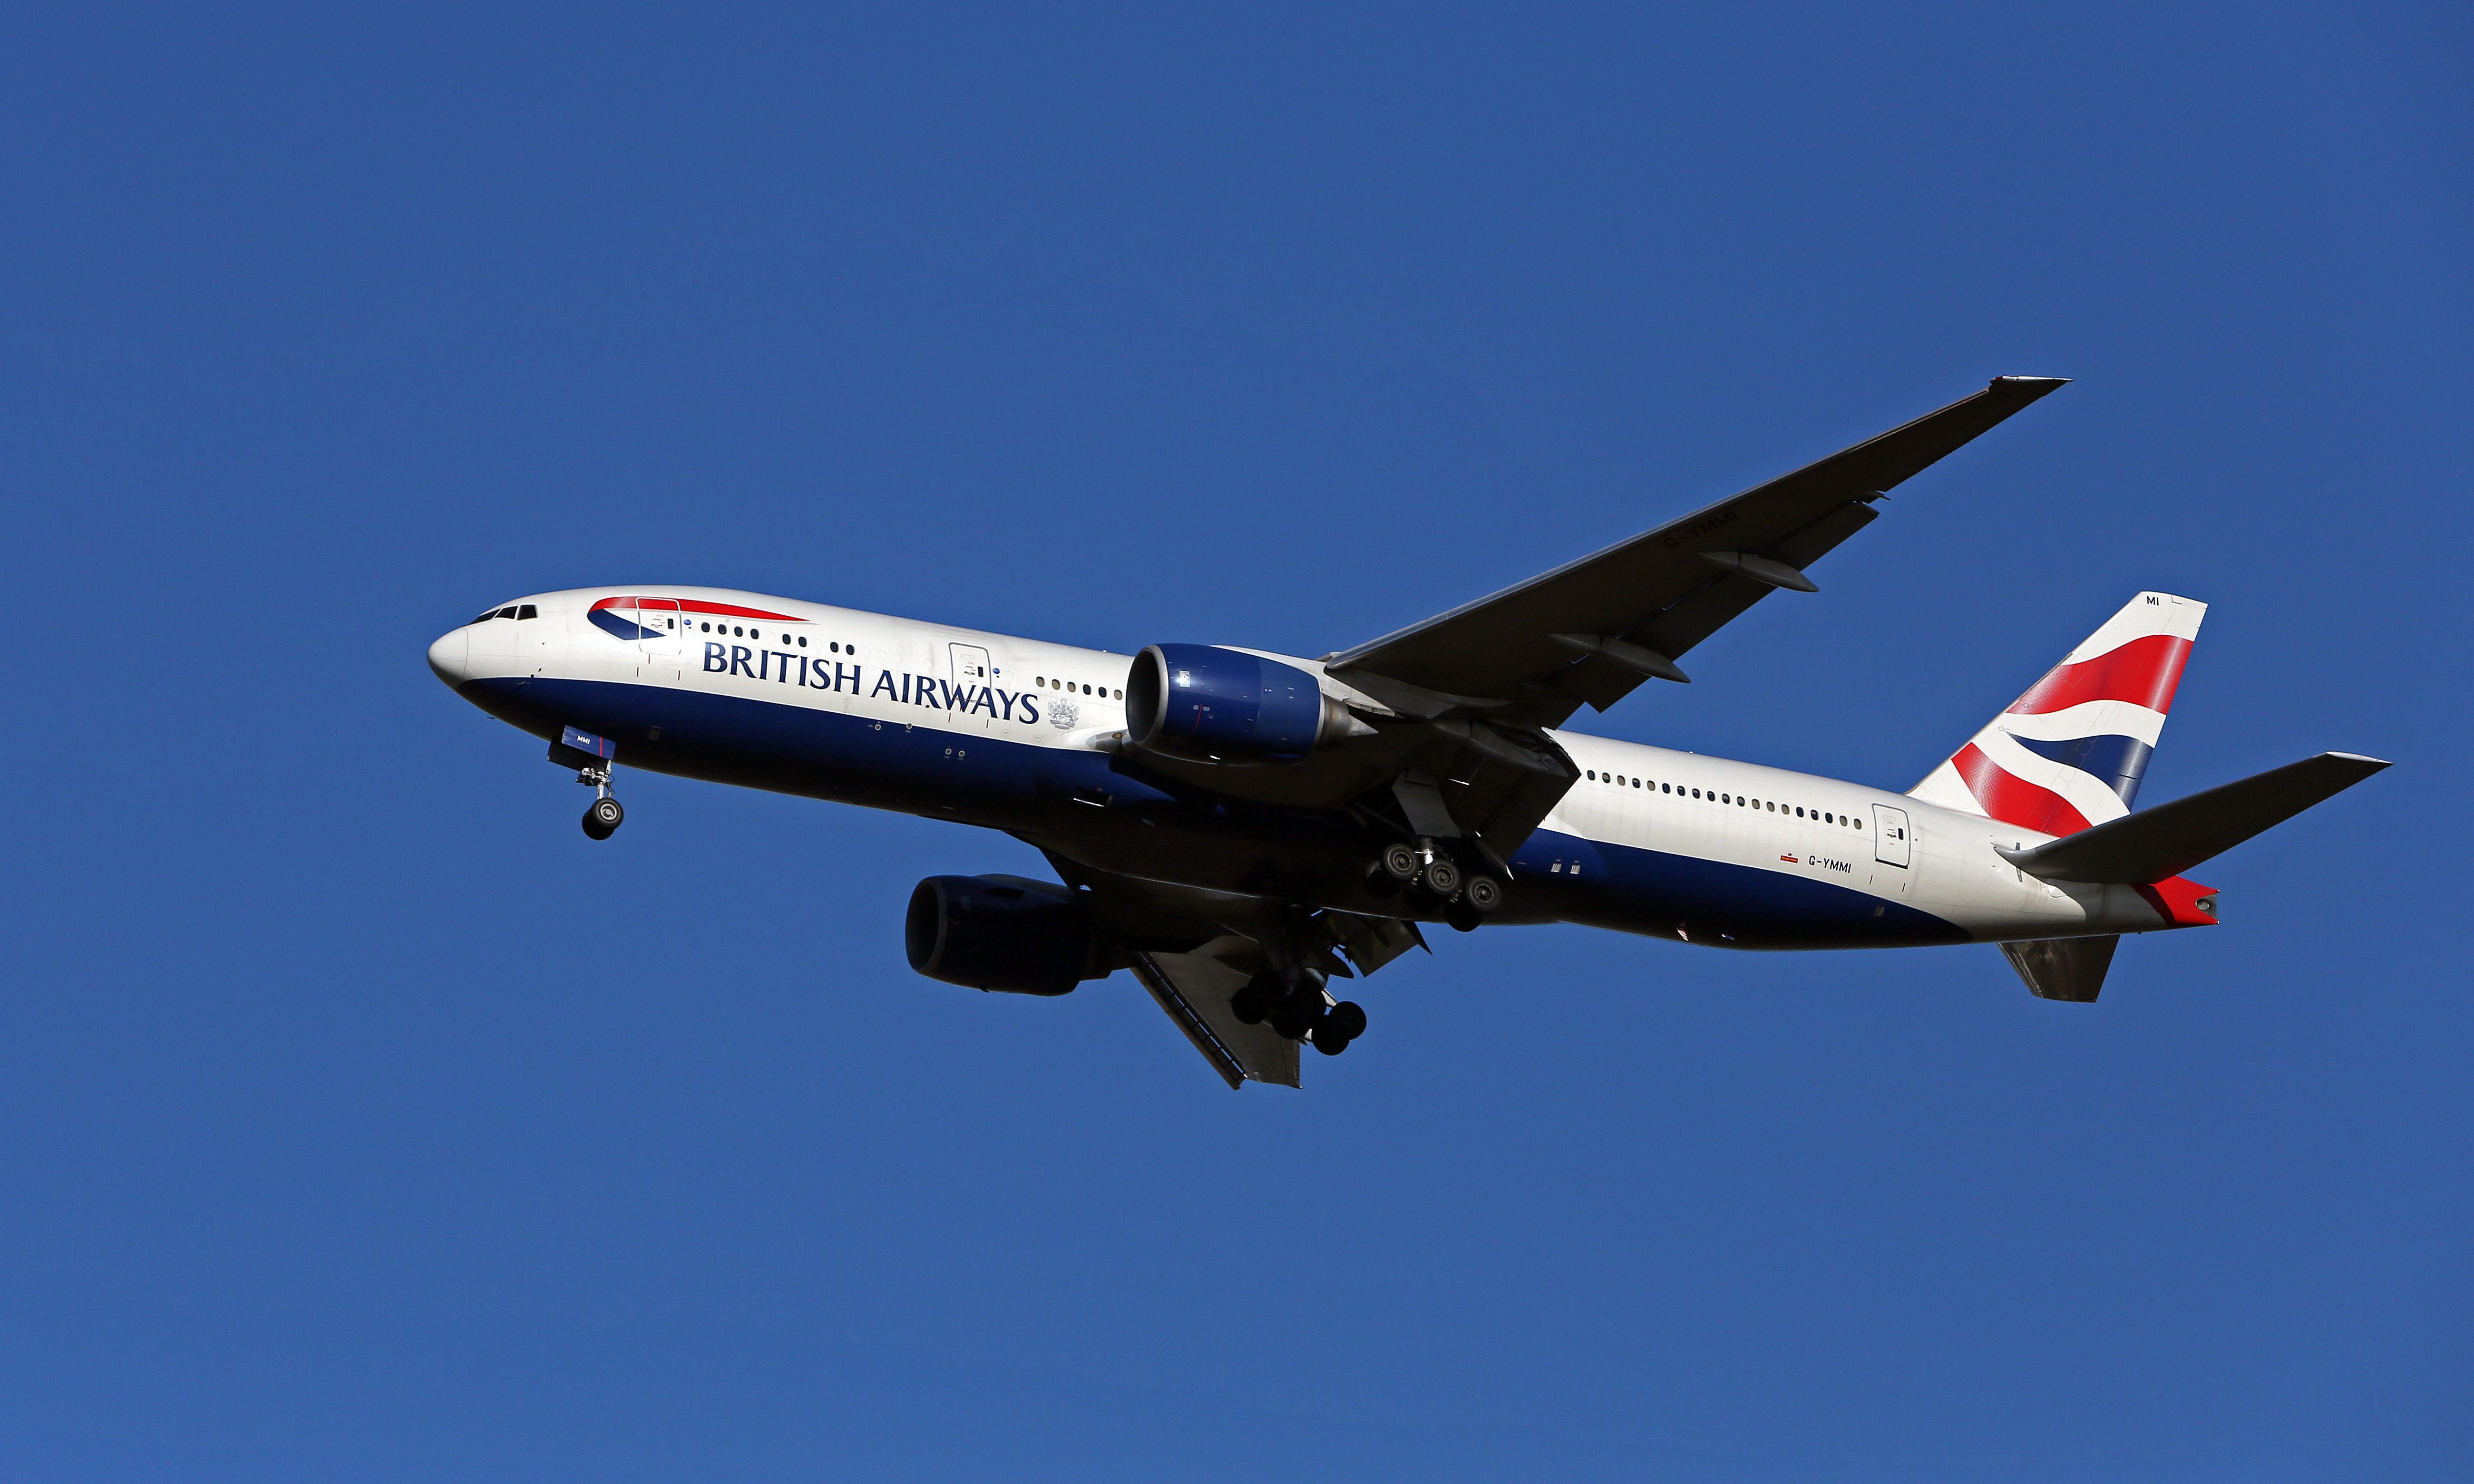 Man sues British Airways for 'sitting him next to fat passenger'